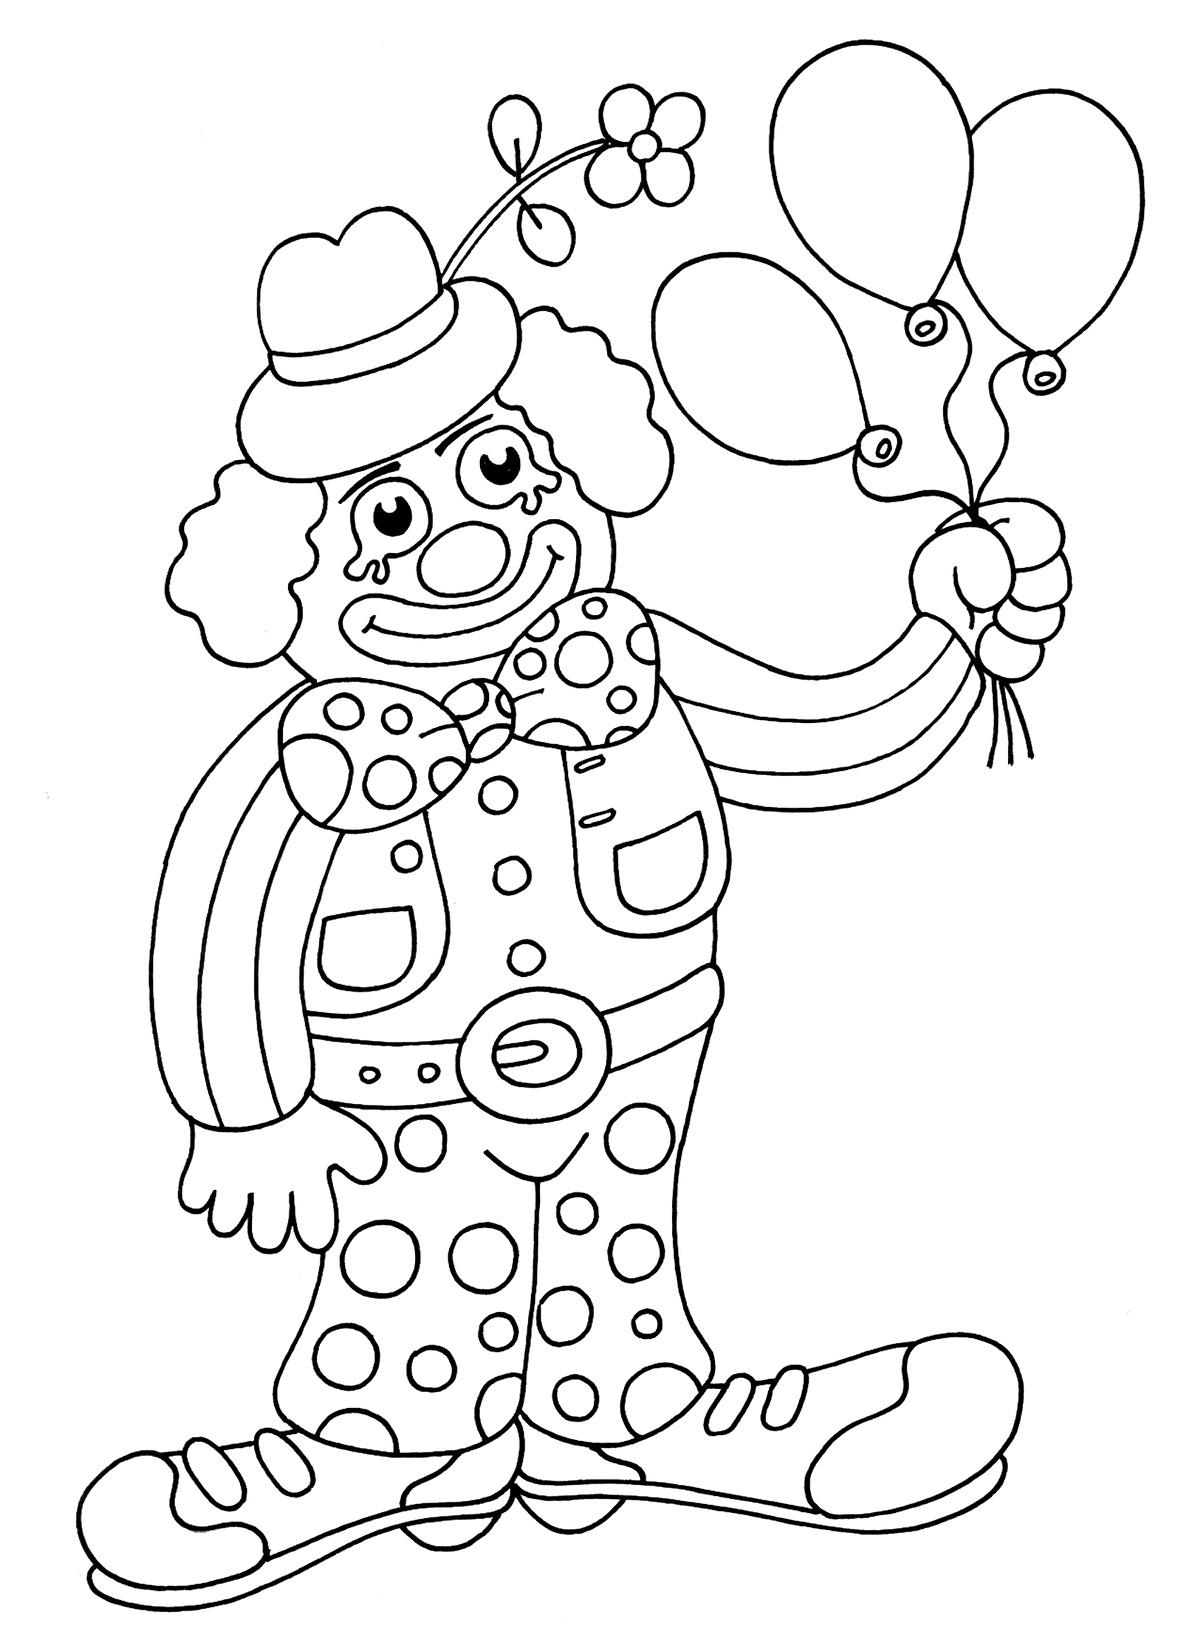 Boyama Resmi Palyaco Coloring Free To Print